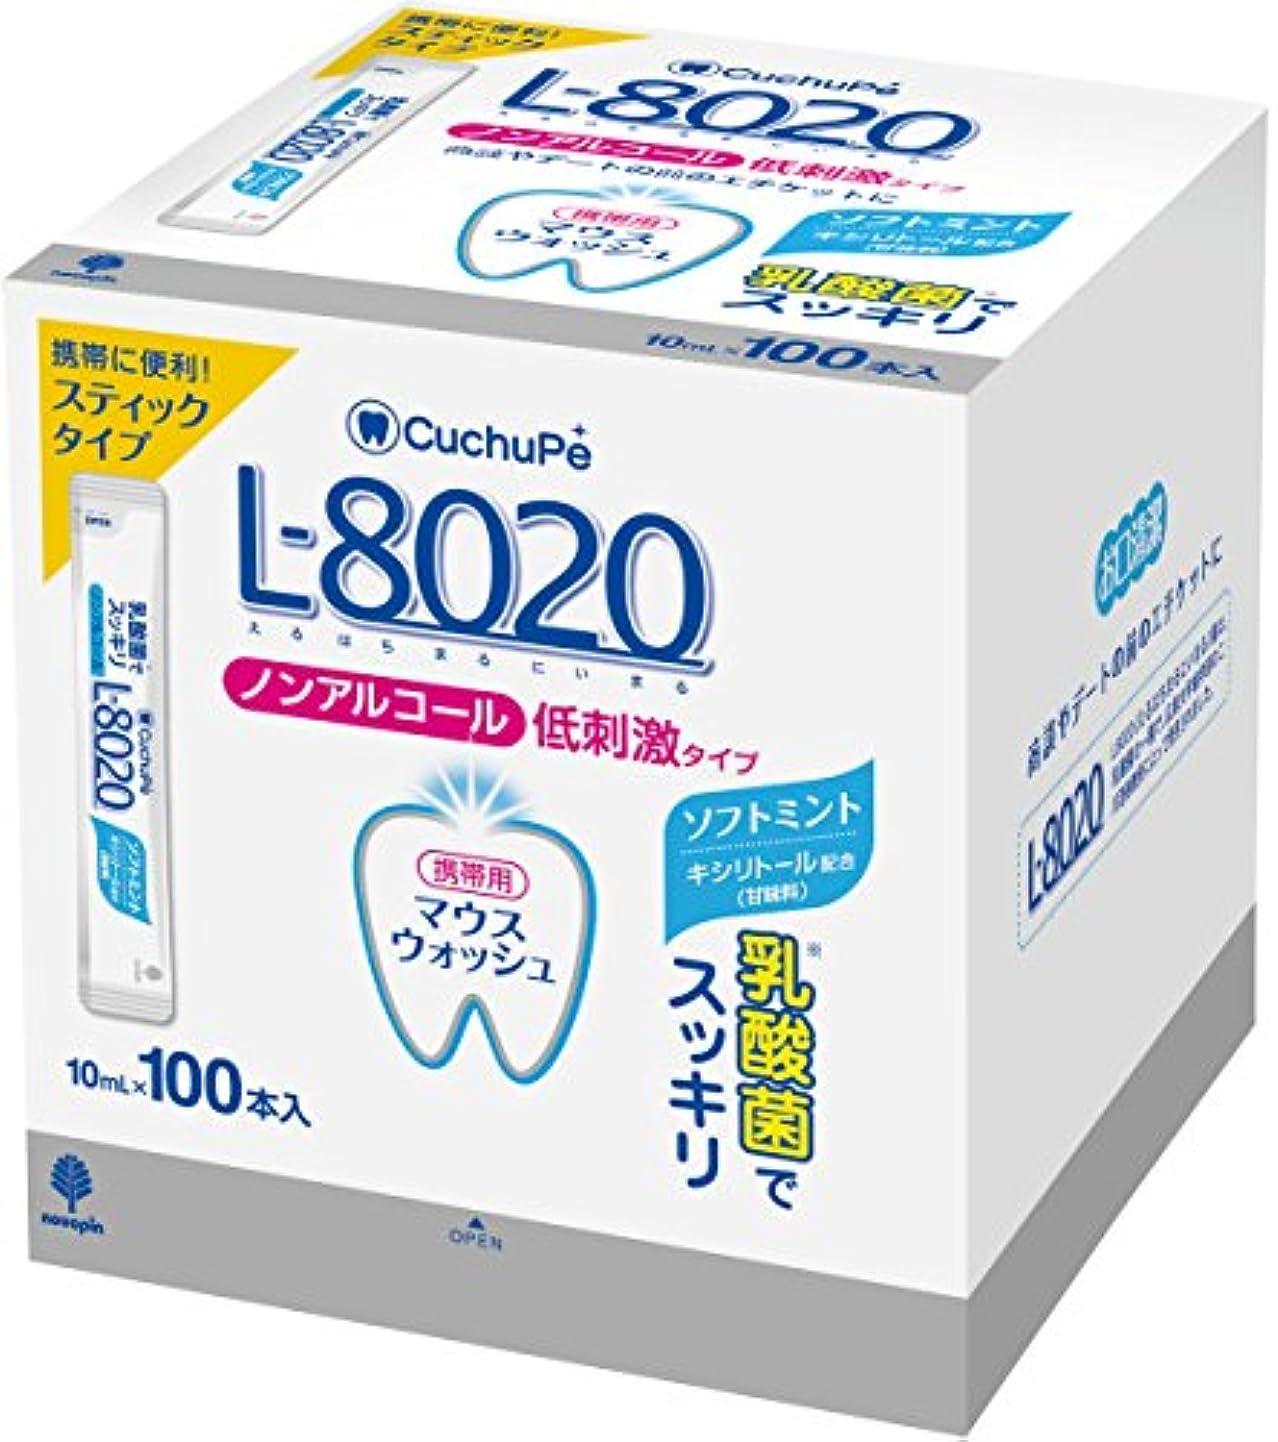 ガウン弱点ビジョンクチュッペ L-8020 マウスウォッシュ ソフトミント スティックタイプ 100本入